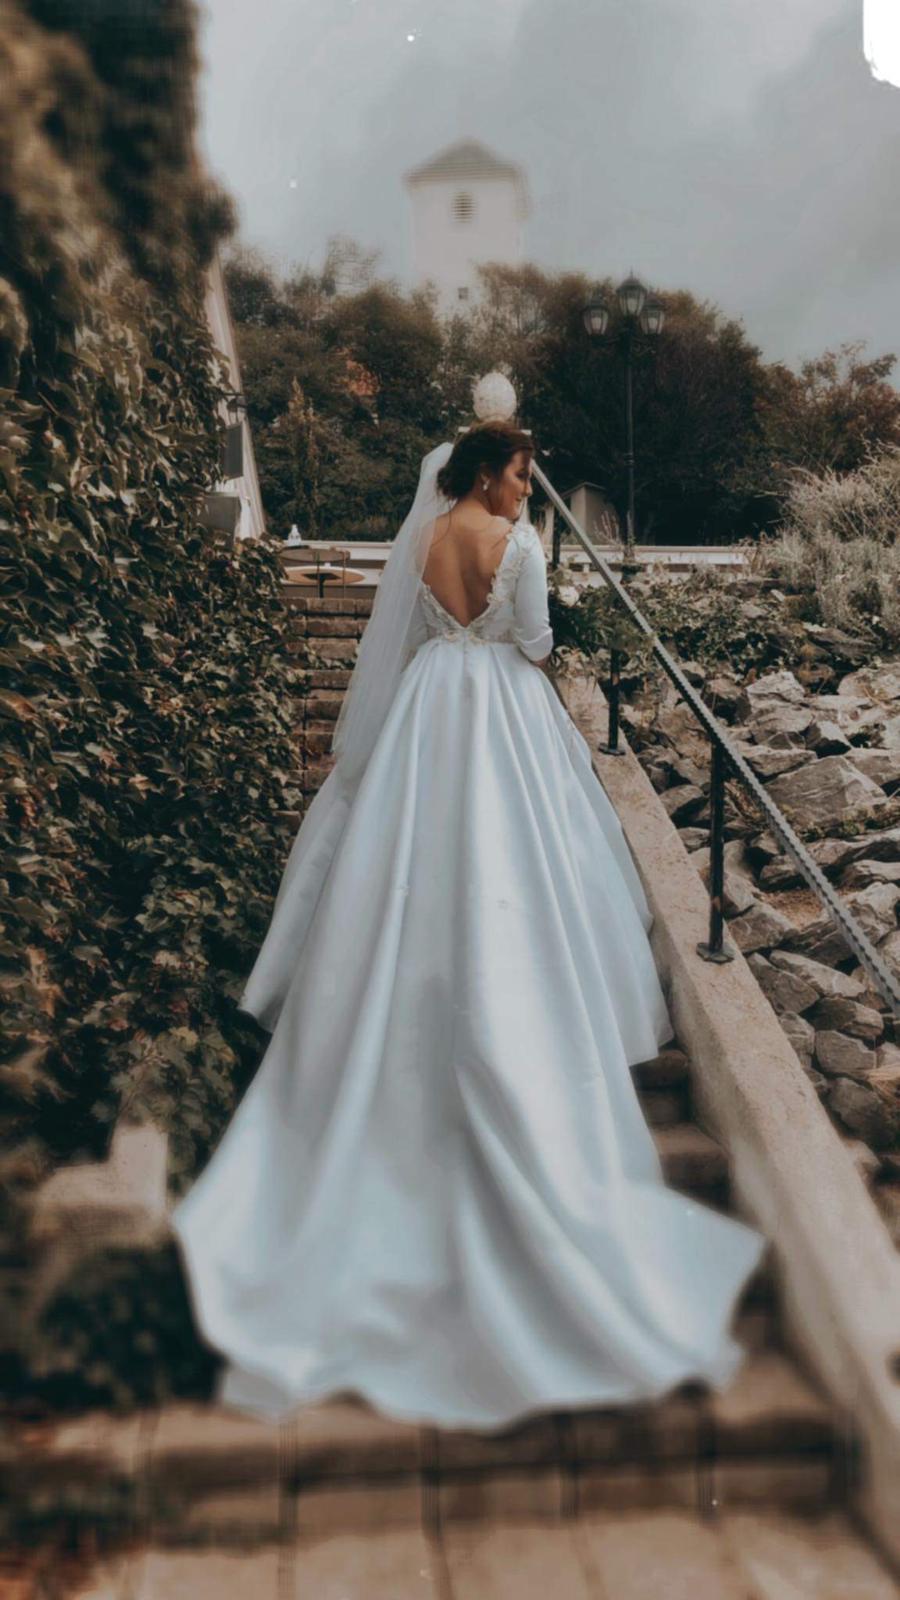 Predám svoje svadobné šaty - Obrázok č. 1